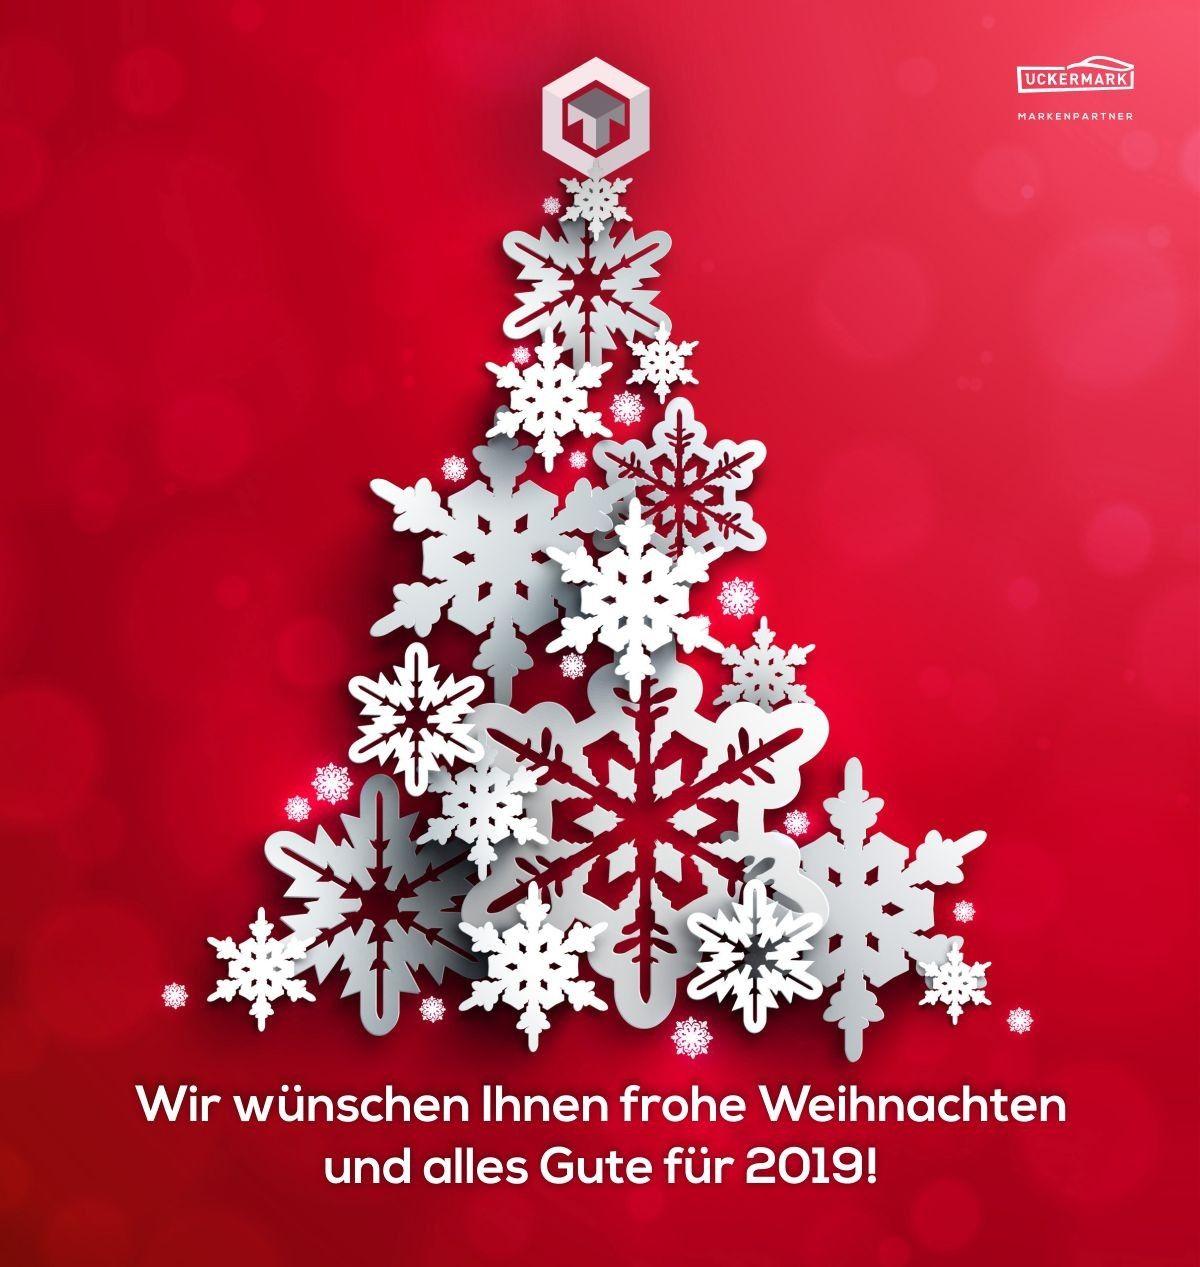 Pin Von Christine Fries Auf Bilder Weihnachtsgrusse Weihnachten Grusse